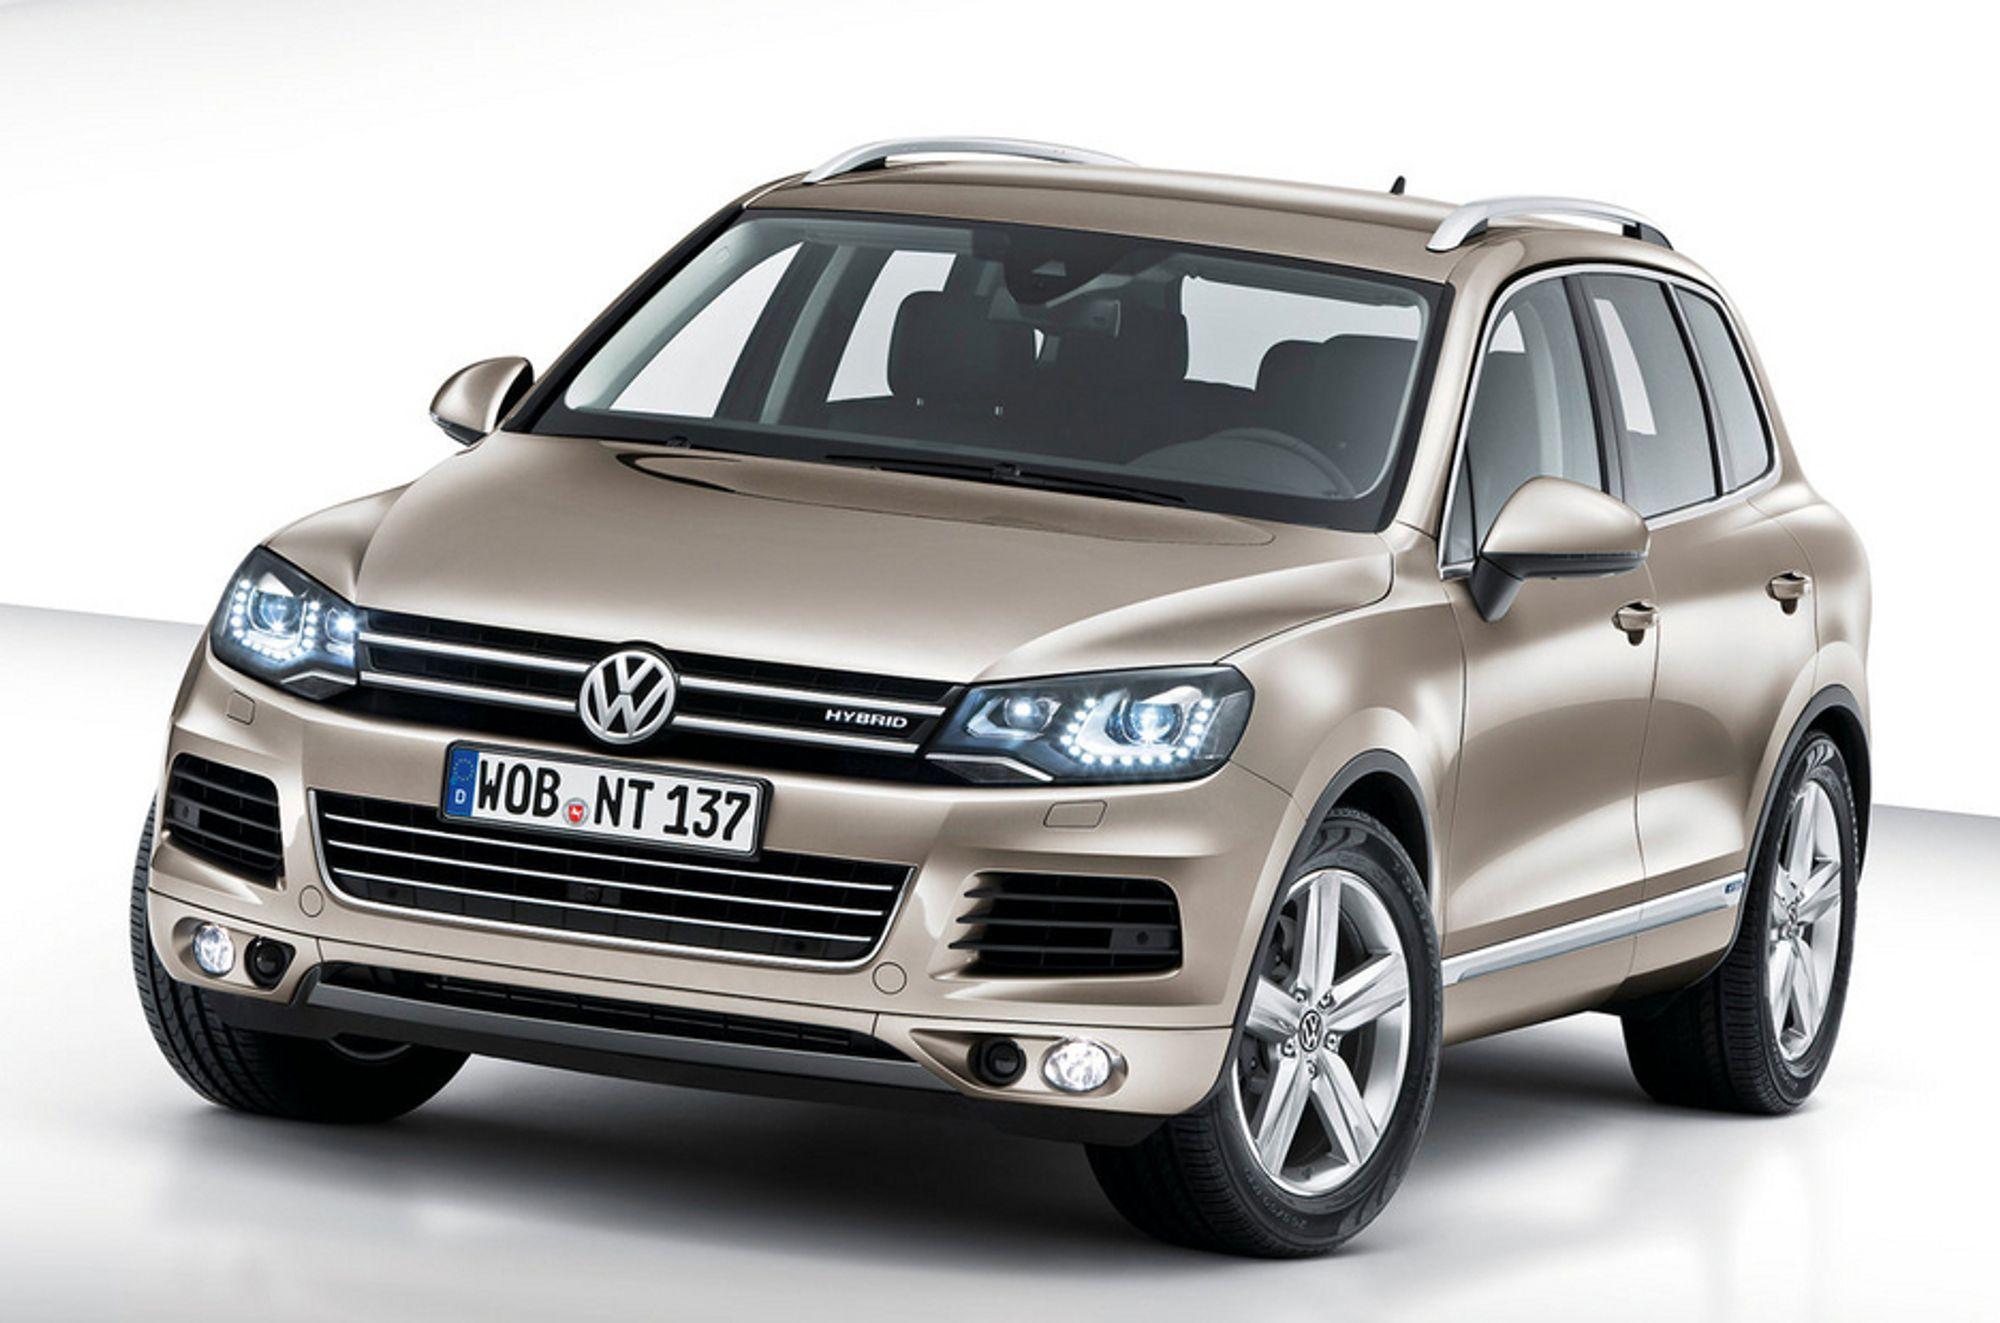 VW SELGER MEST: For femte år på rad ble Volkswagen Norges mest solgte bilmerke. Her andre generasjon VW Touareg.